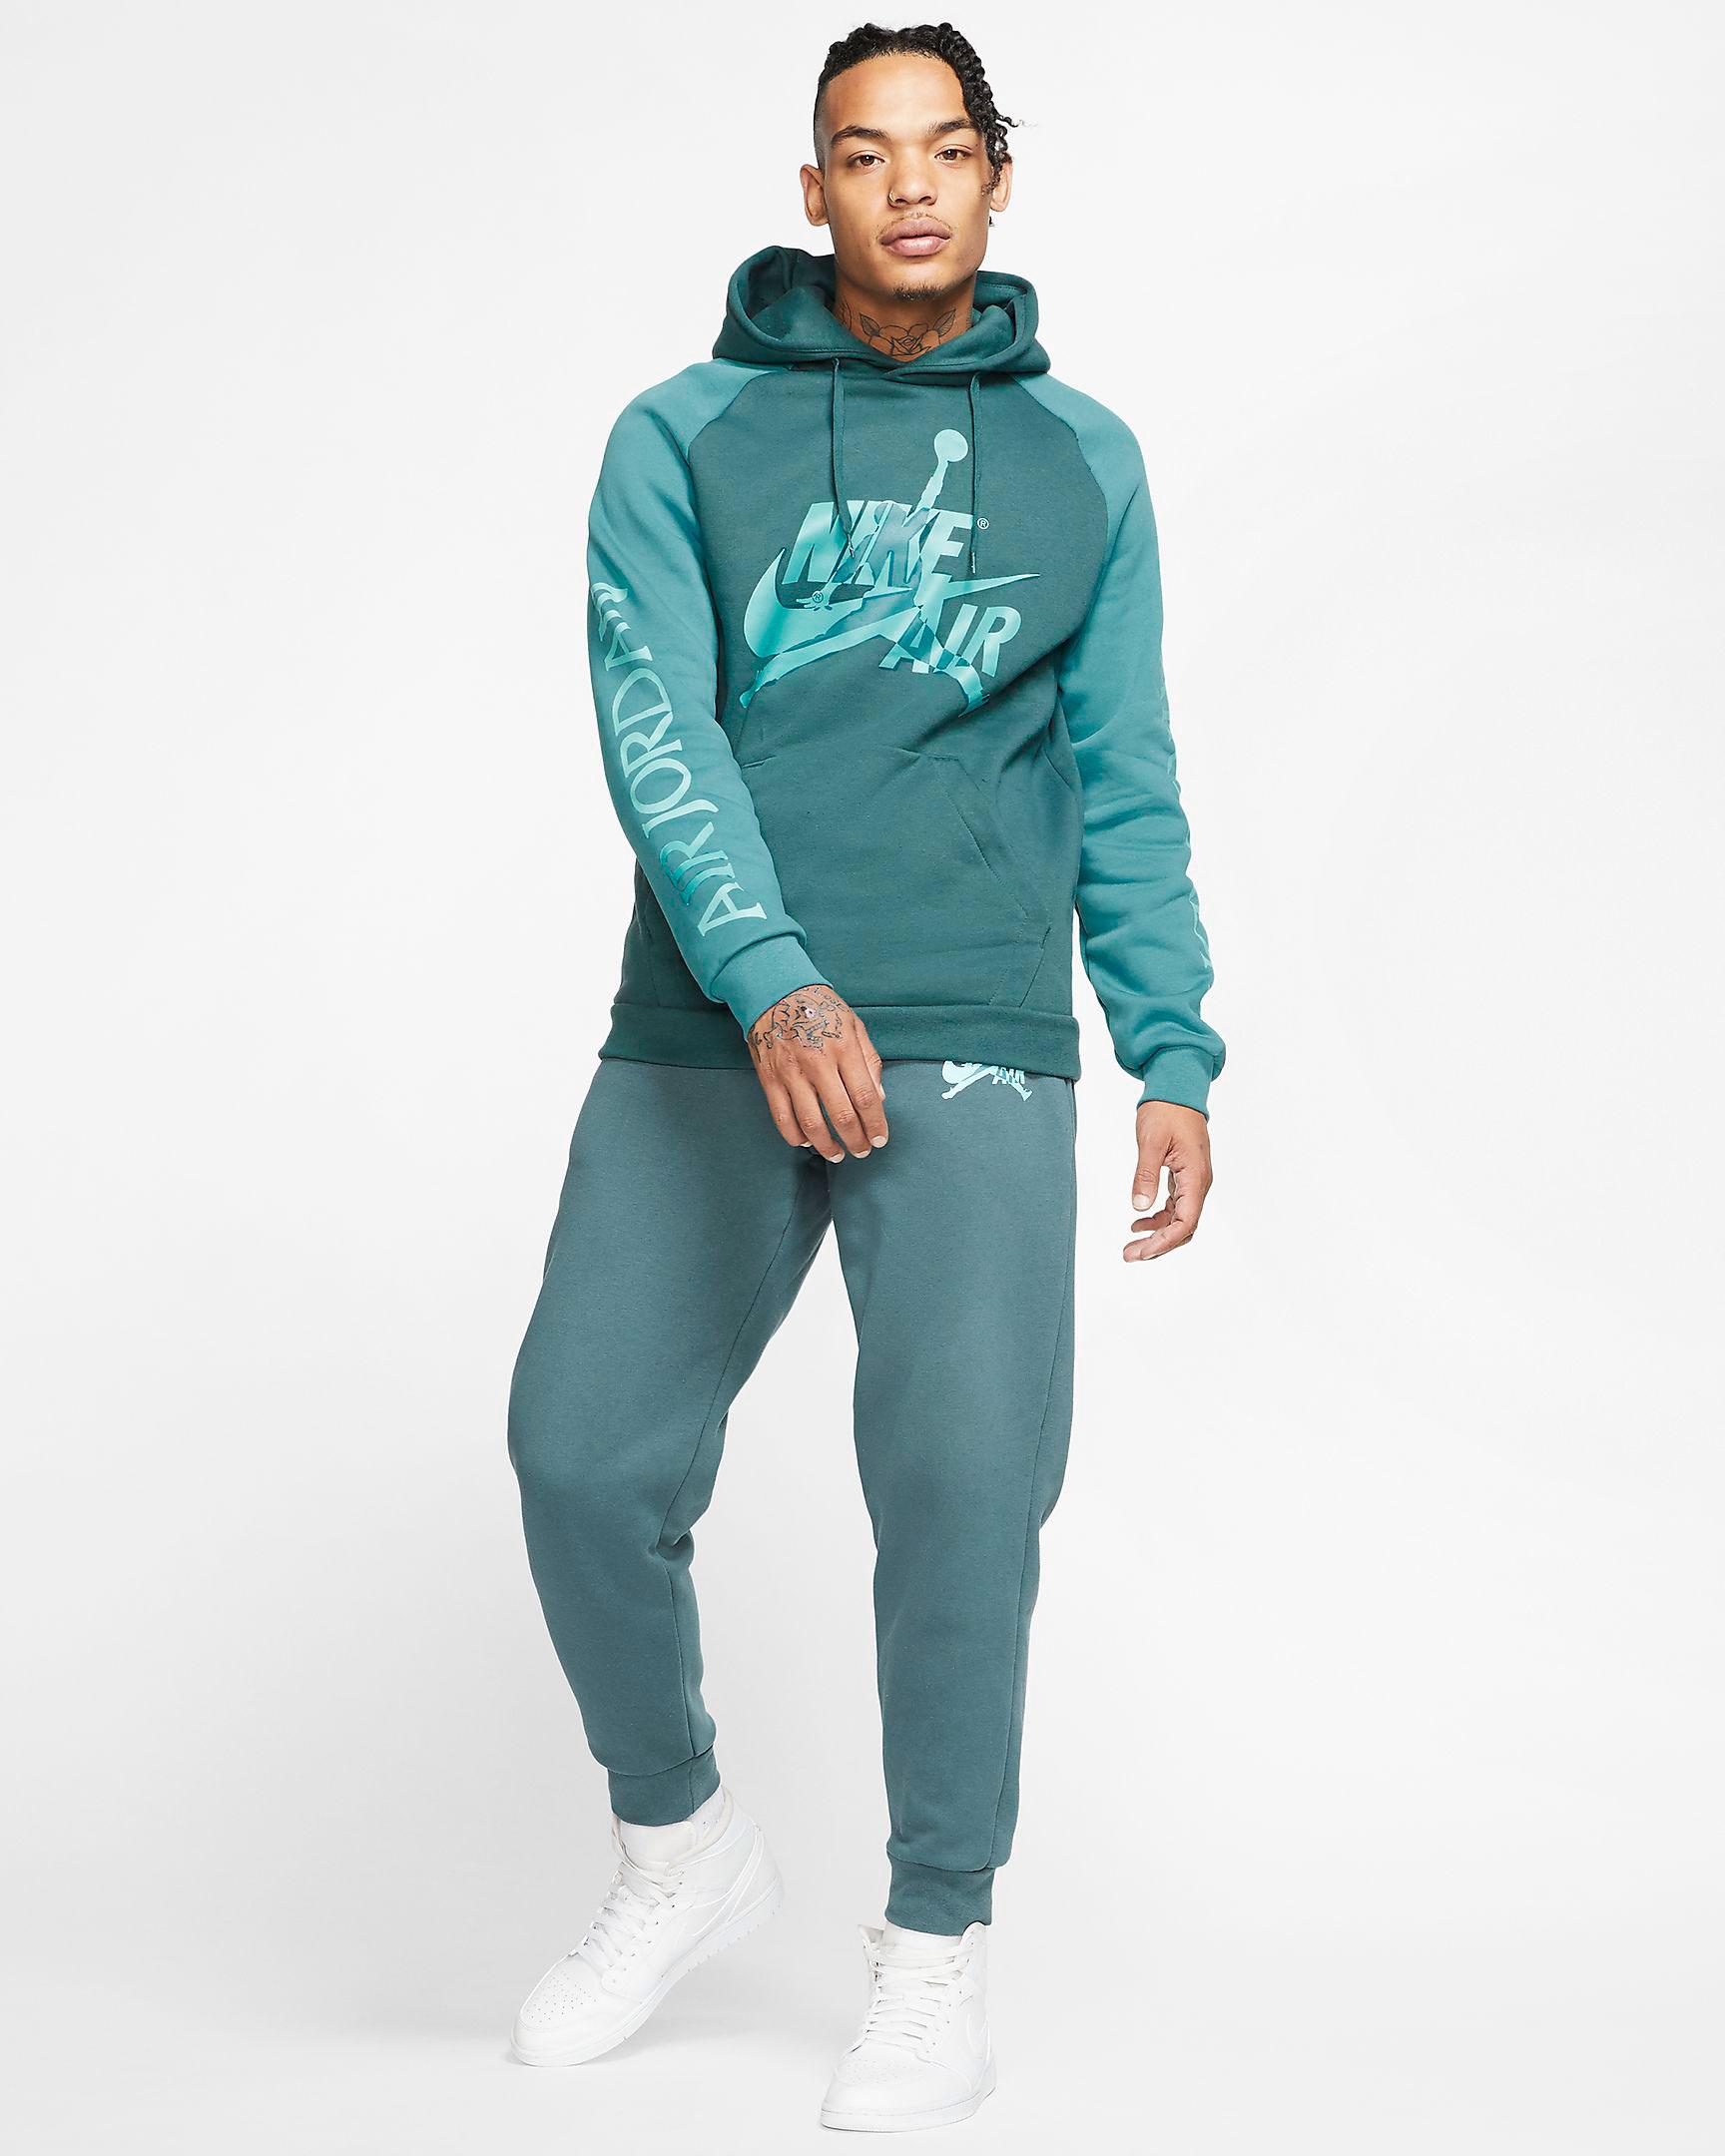 island-green-air-jordan-hoodie-pants